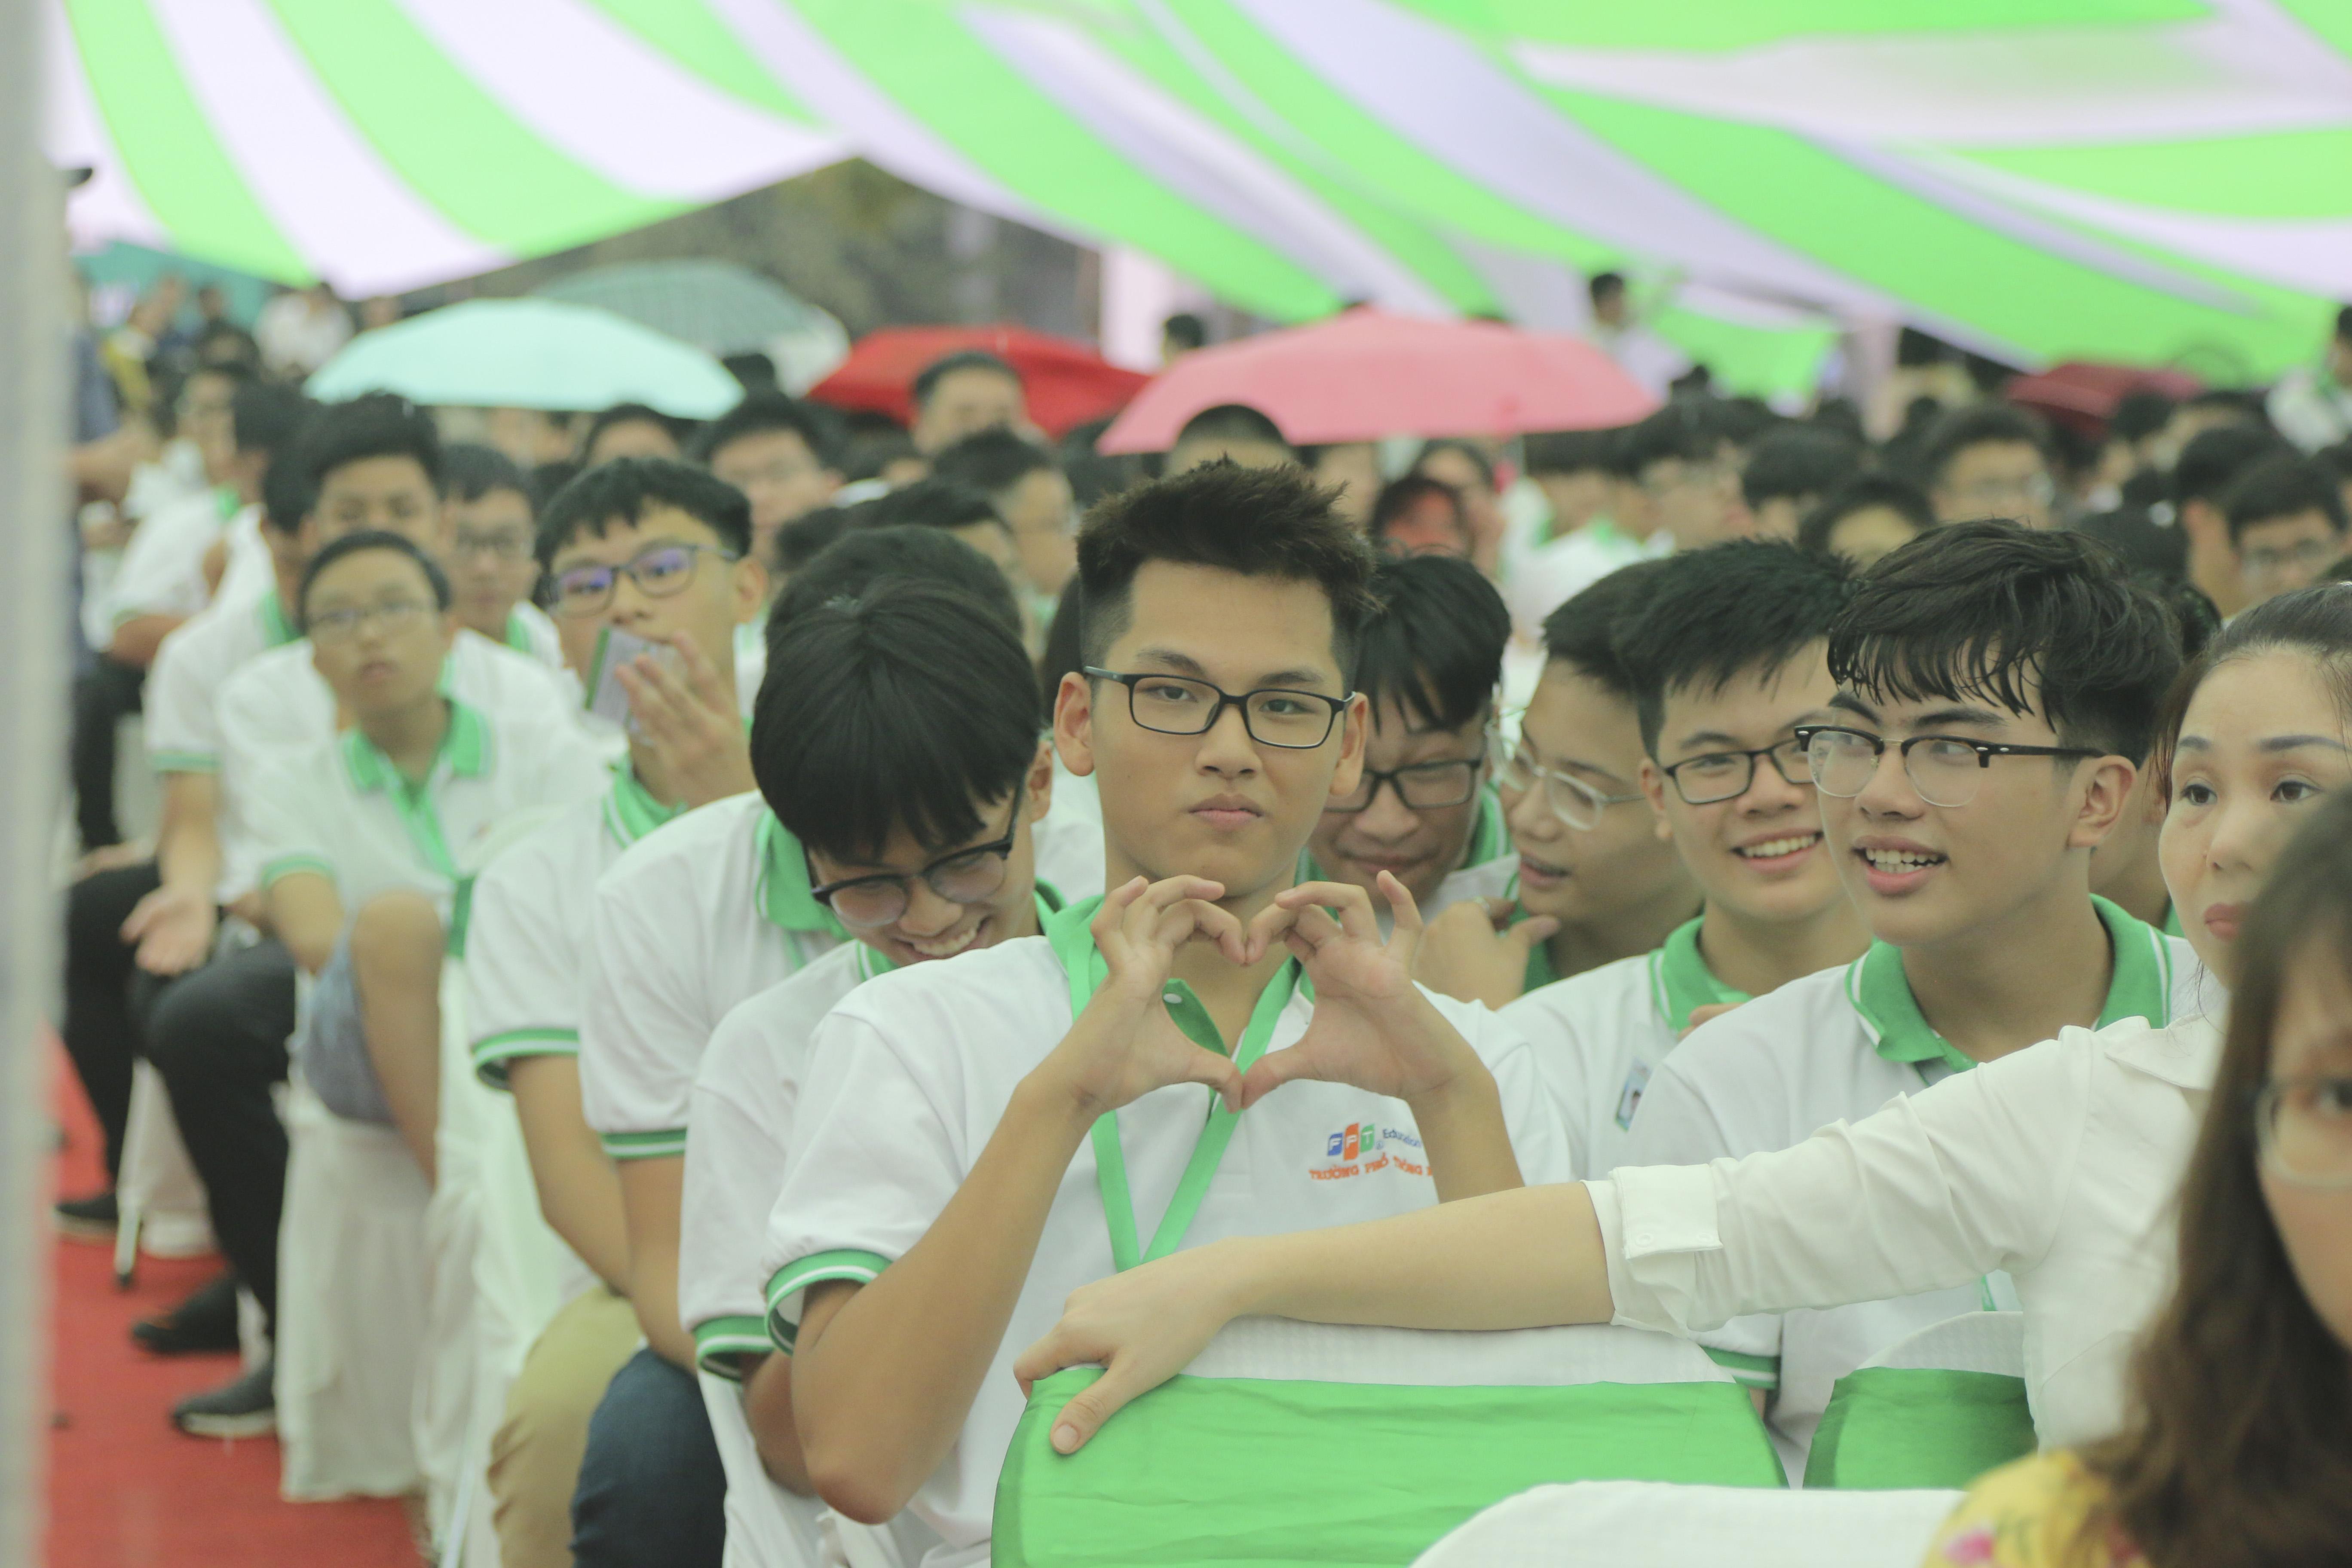 Sau khi hoàn thành thủ tục, học sinh trở về vị trí ghế ngồi đã được xếp sẵn để chờ tới lễ khai giảng. Thời tiết mưa bão cũng không thể ngăn được sự hào hứng của các em.